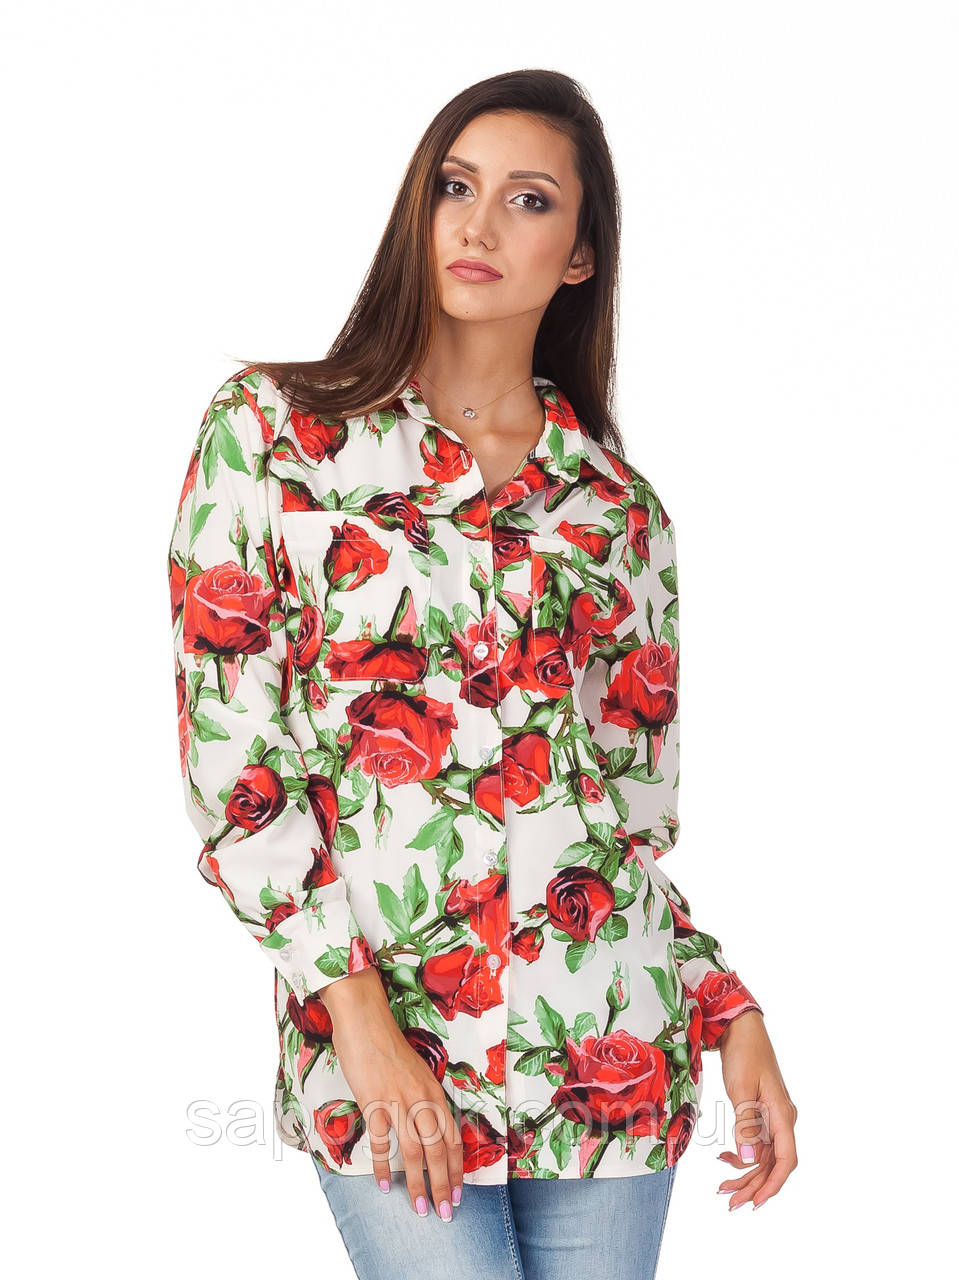 Женская летняя блуза-рубашка  К090